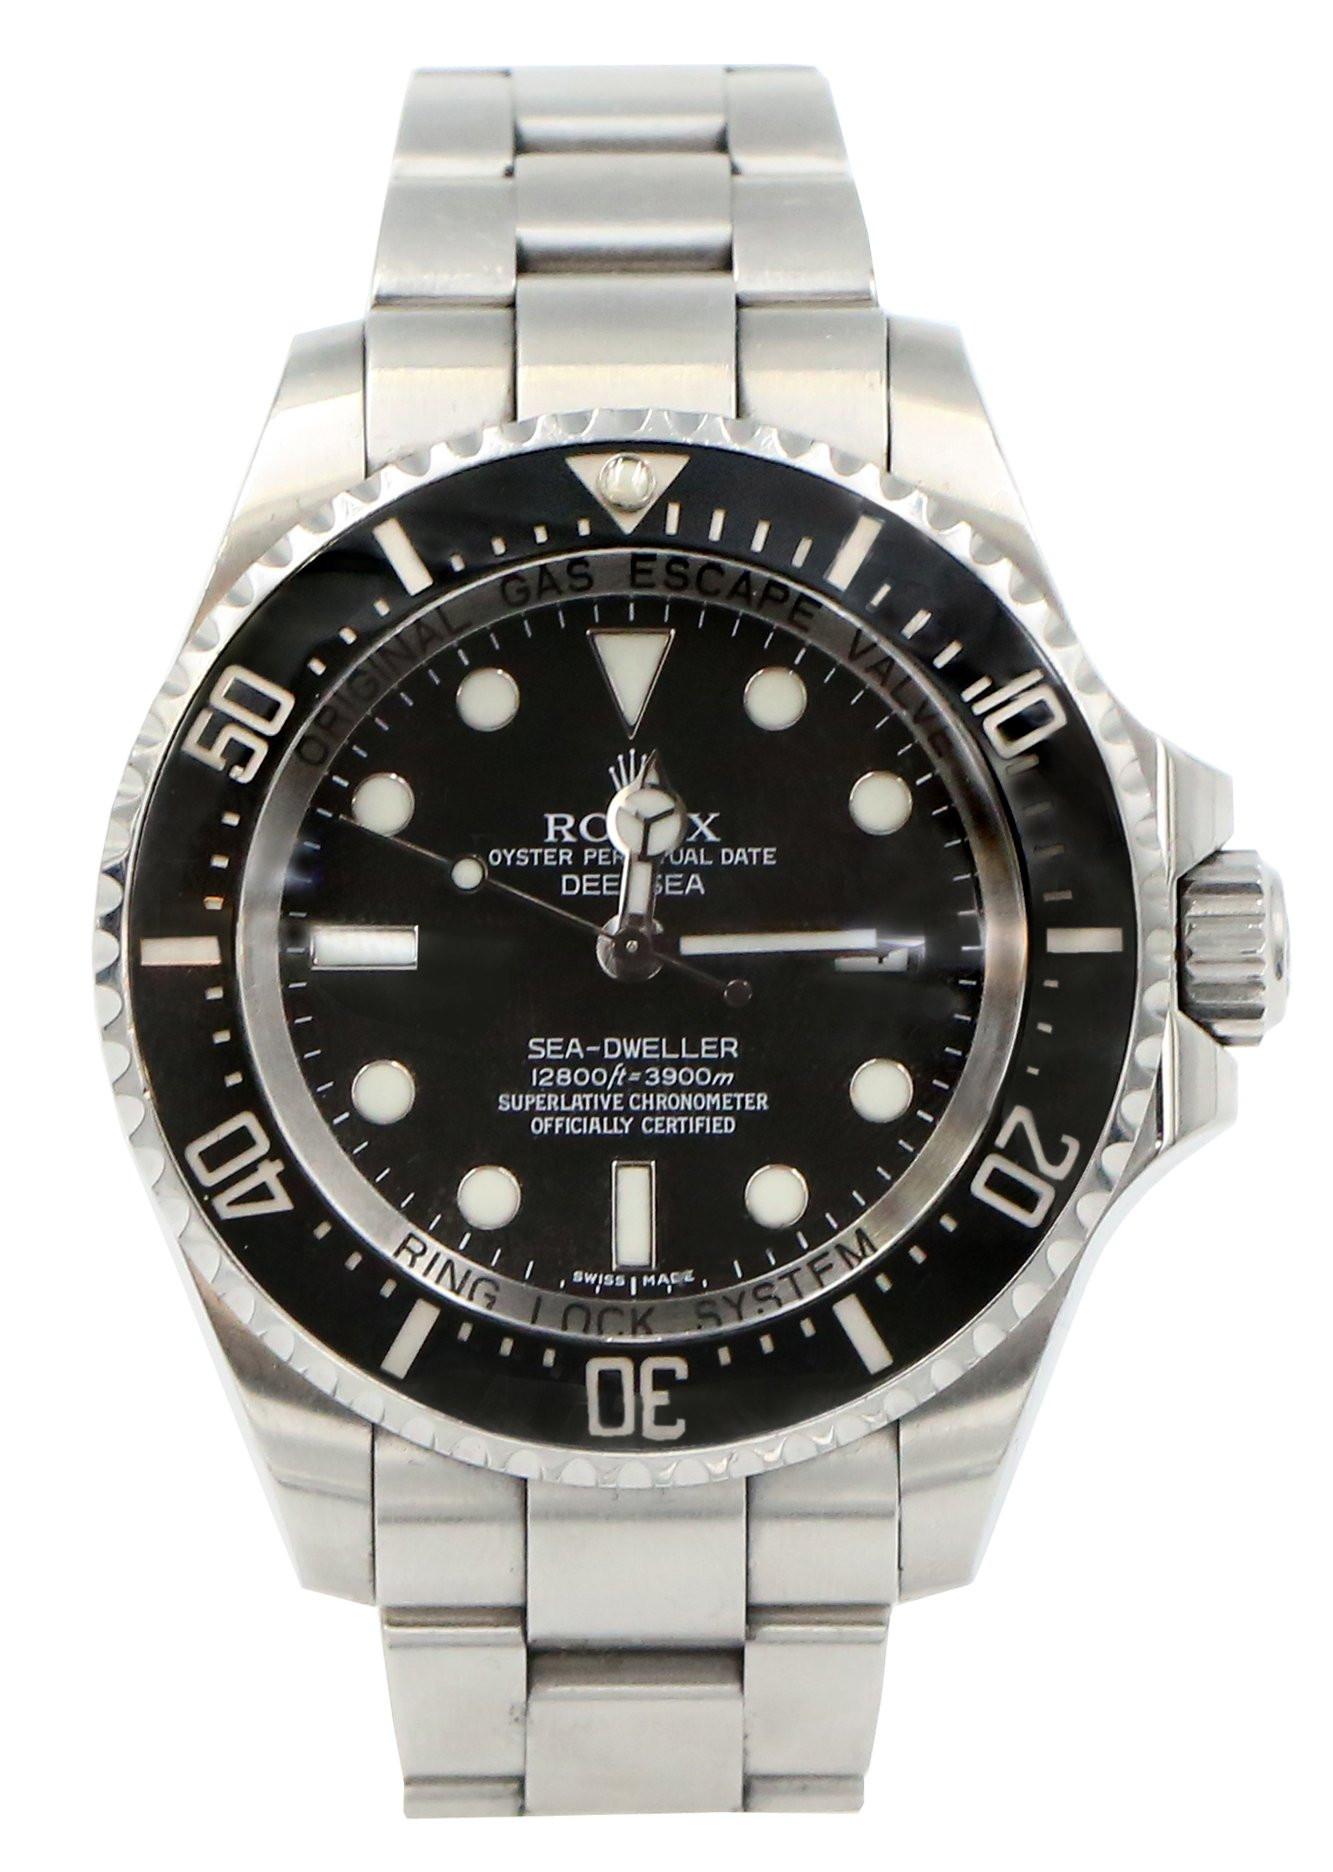 Zegarek Rolex Oyster Sea-dweller Deepsea Cosc 116660 - 44mm - czarny